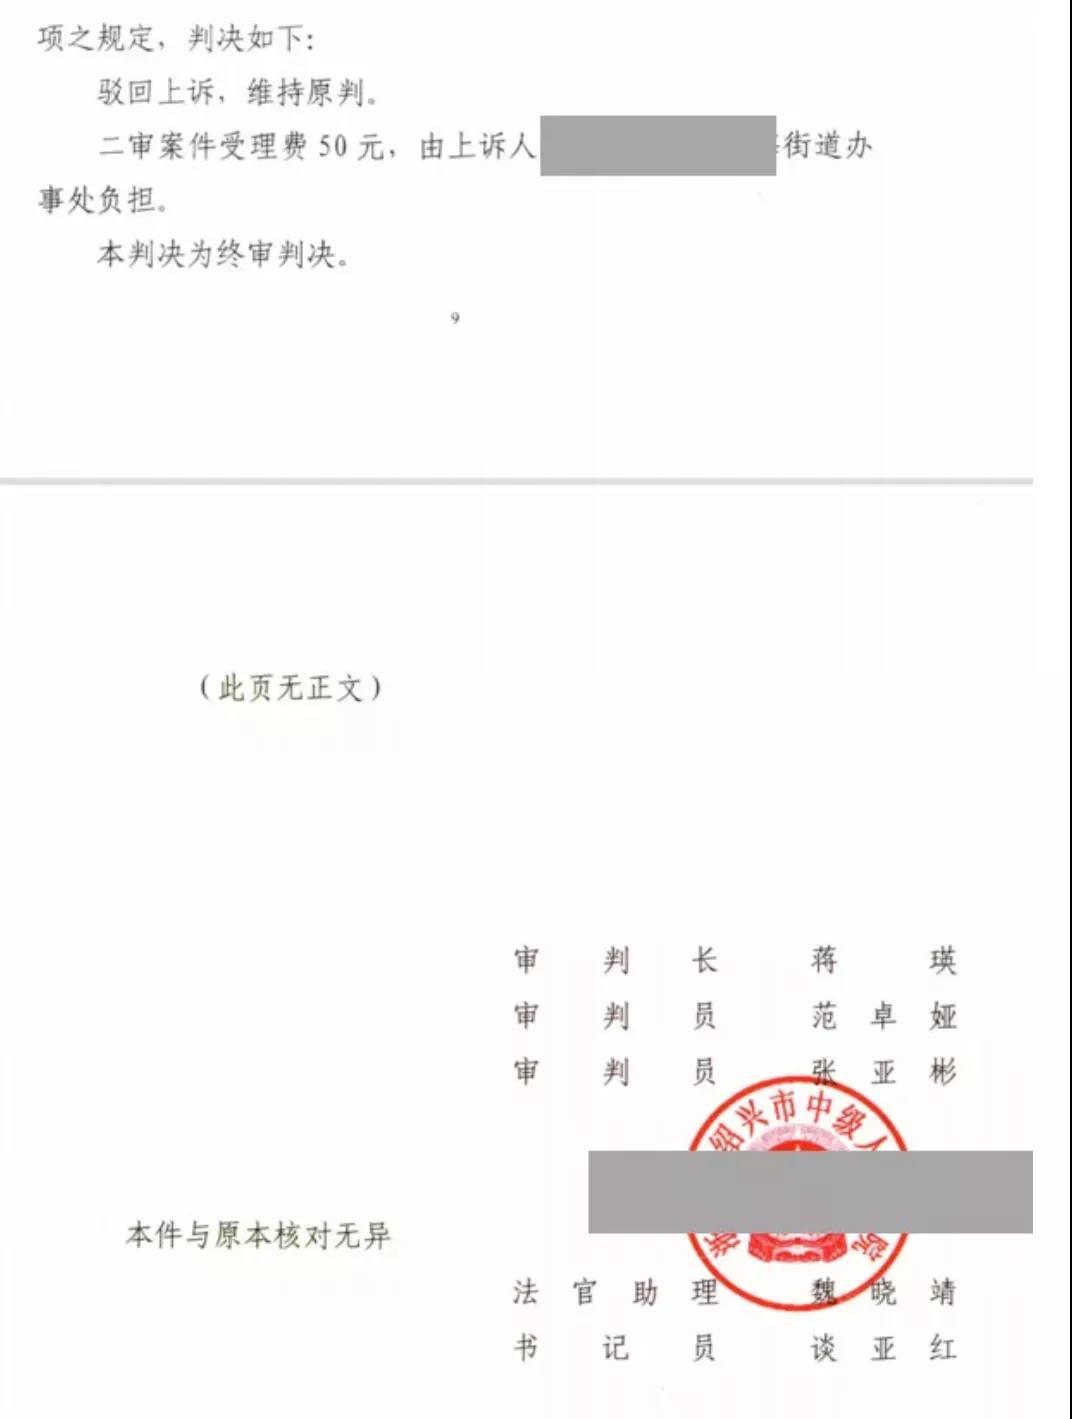 浙江胜案:合法居住房屋被鉴定为危房,圣运律师助力接连胜诉!